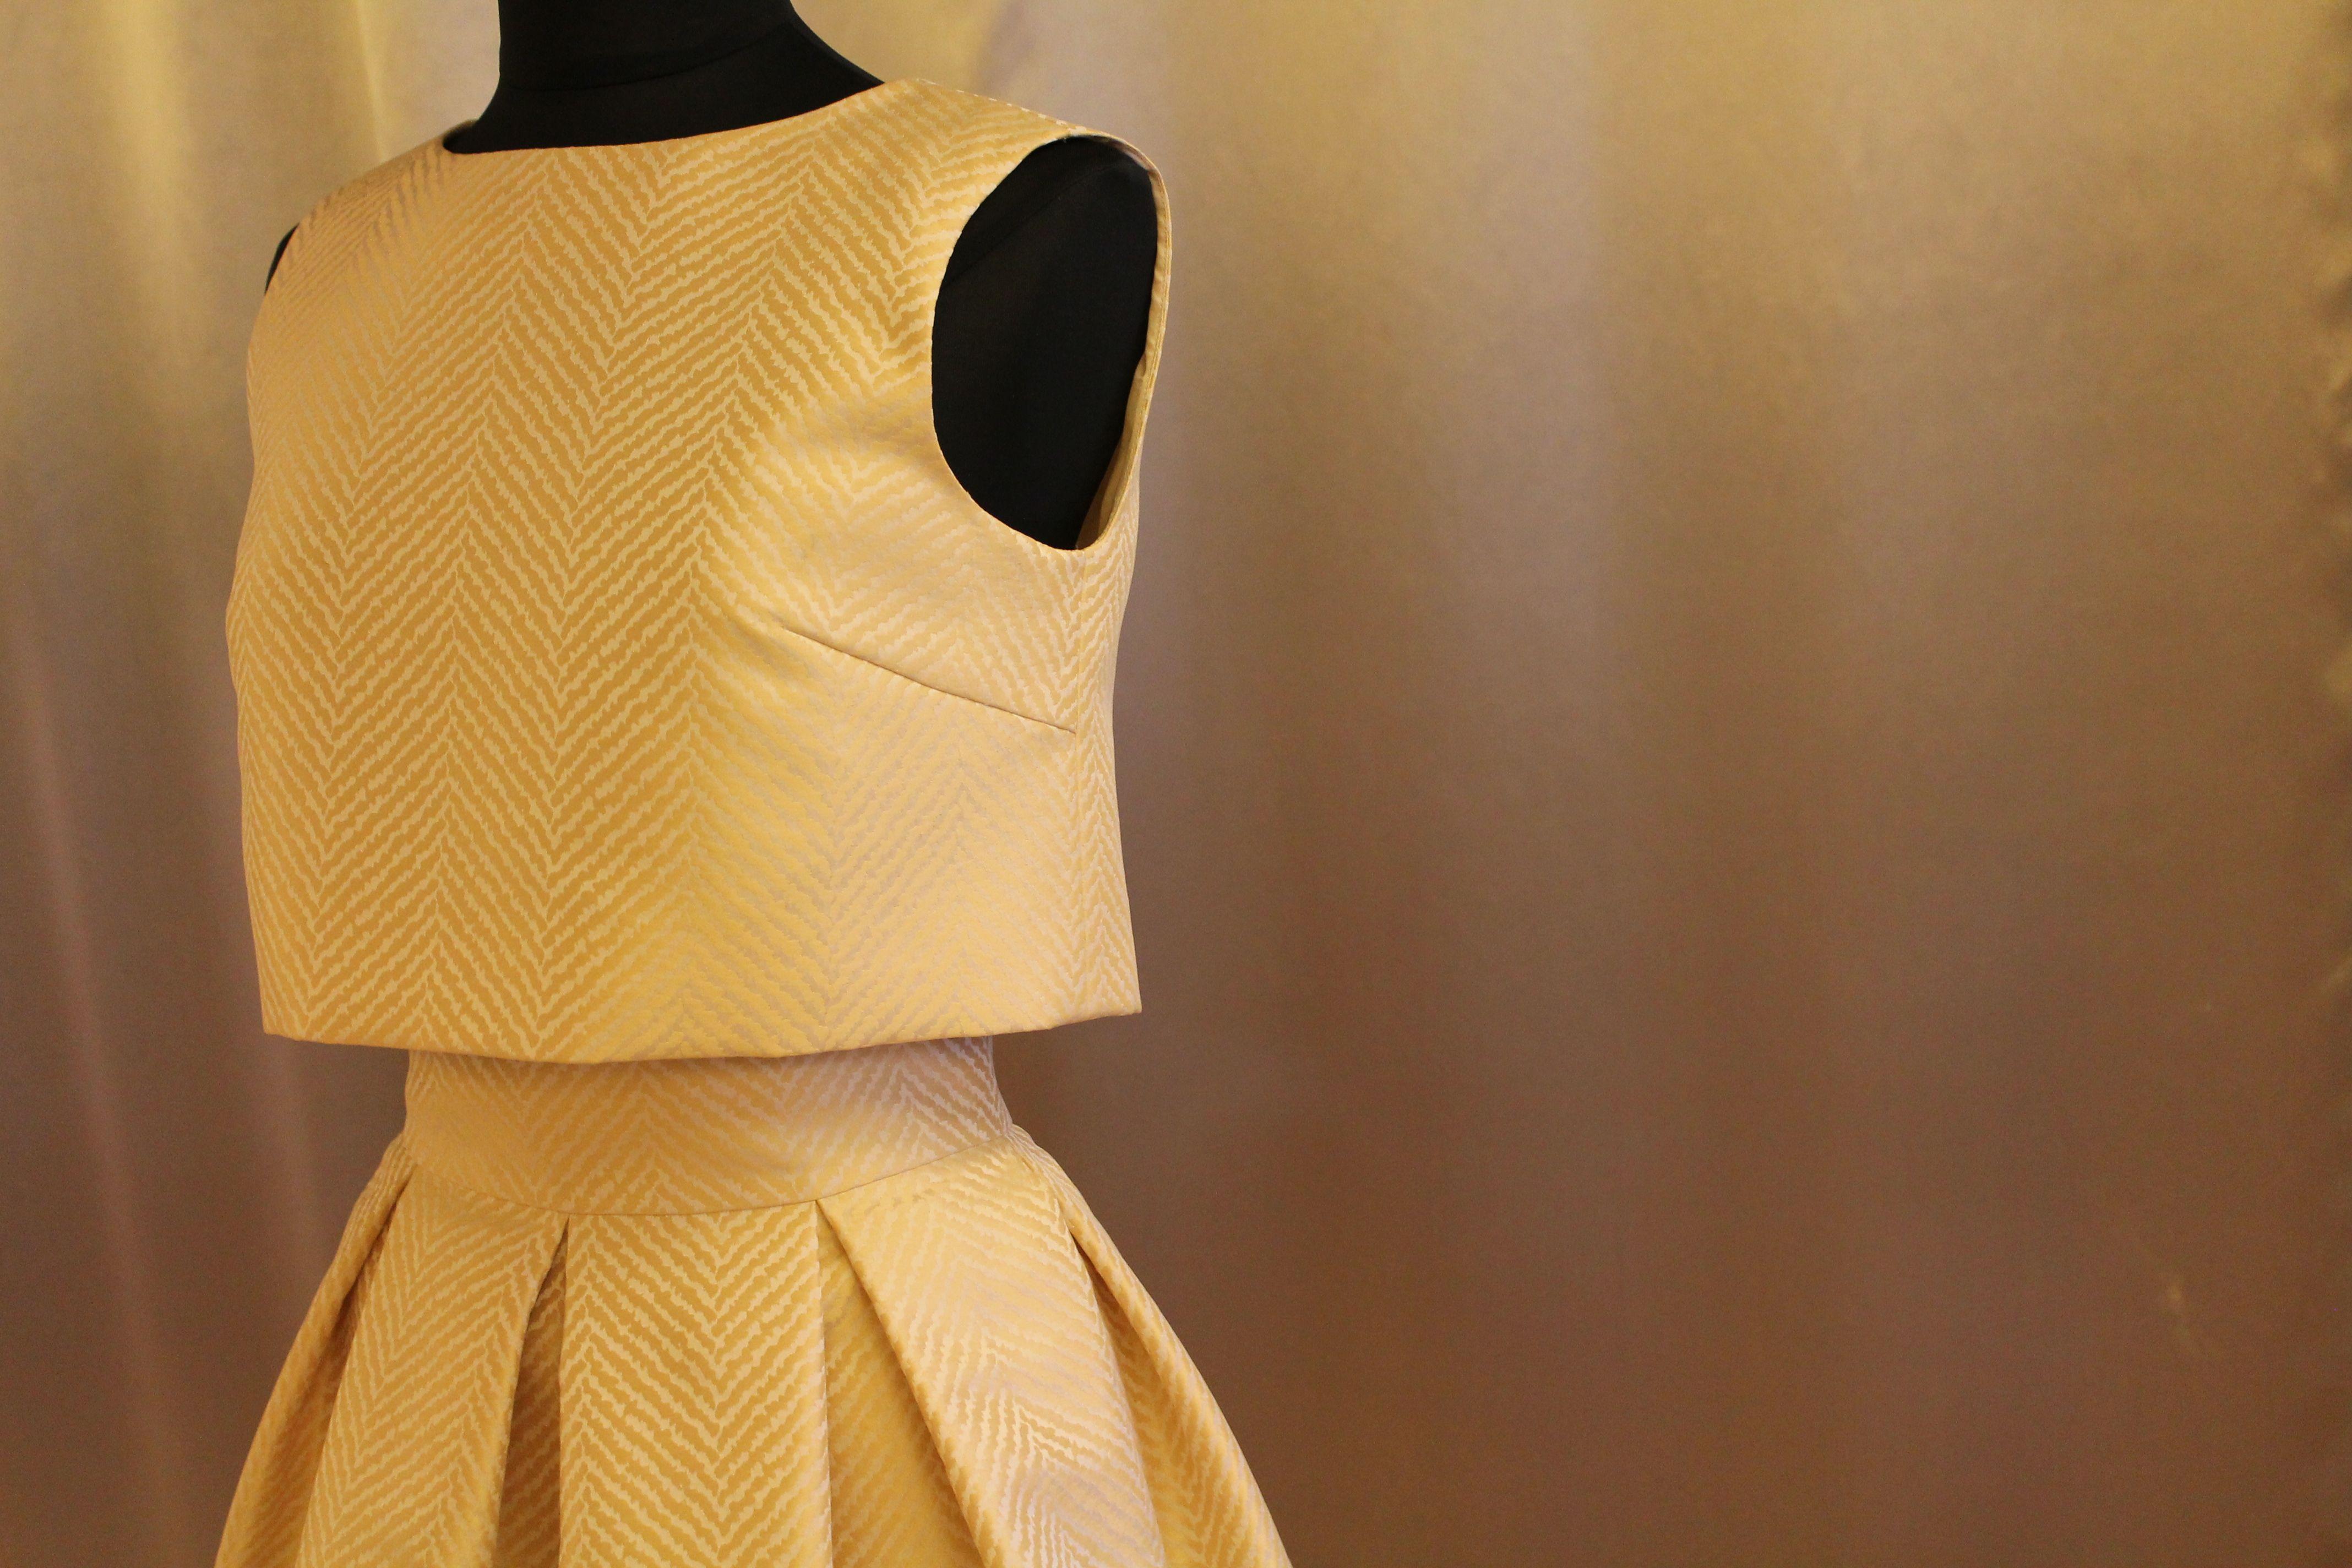 Maravilloso vestido dorado Javier Barroeta